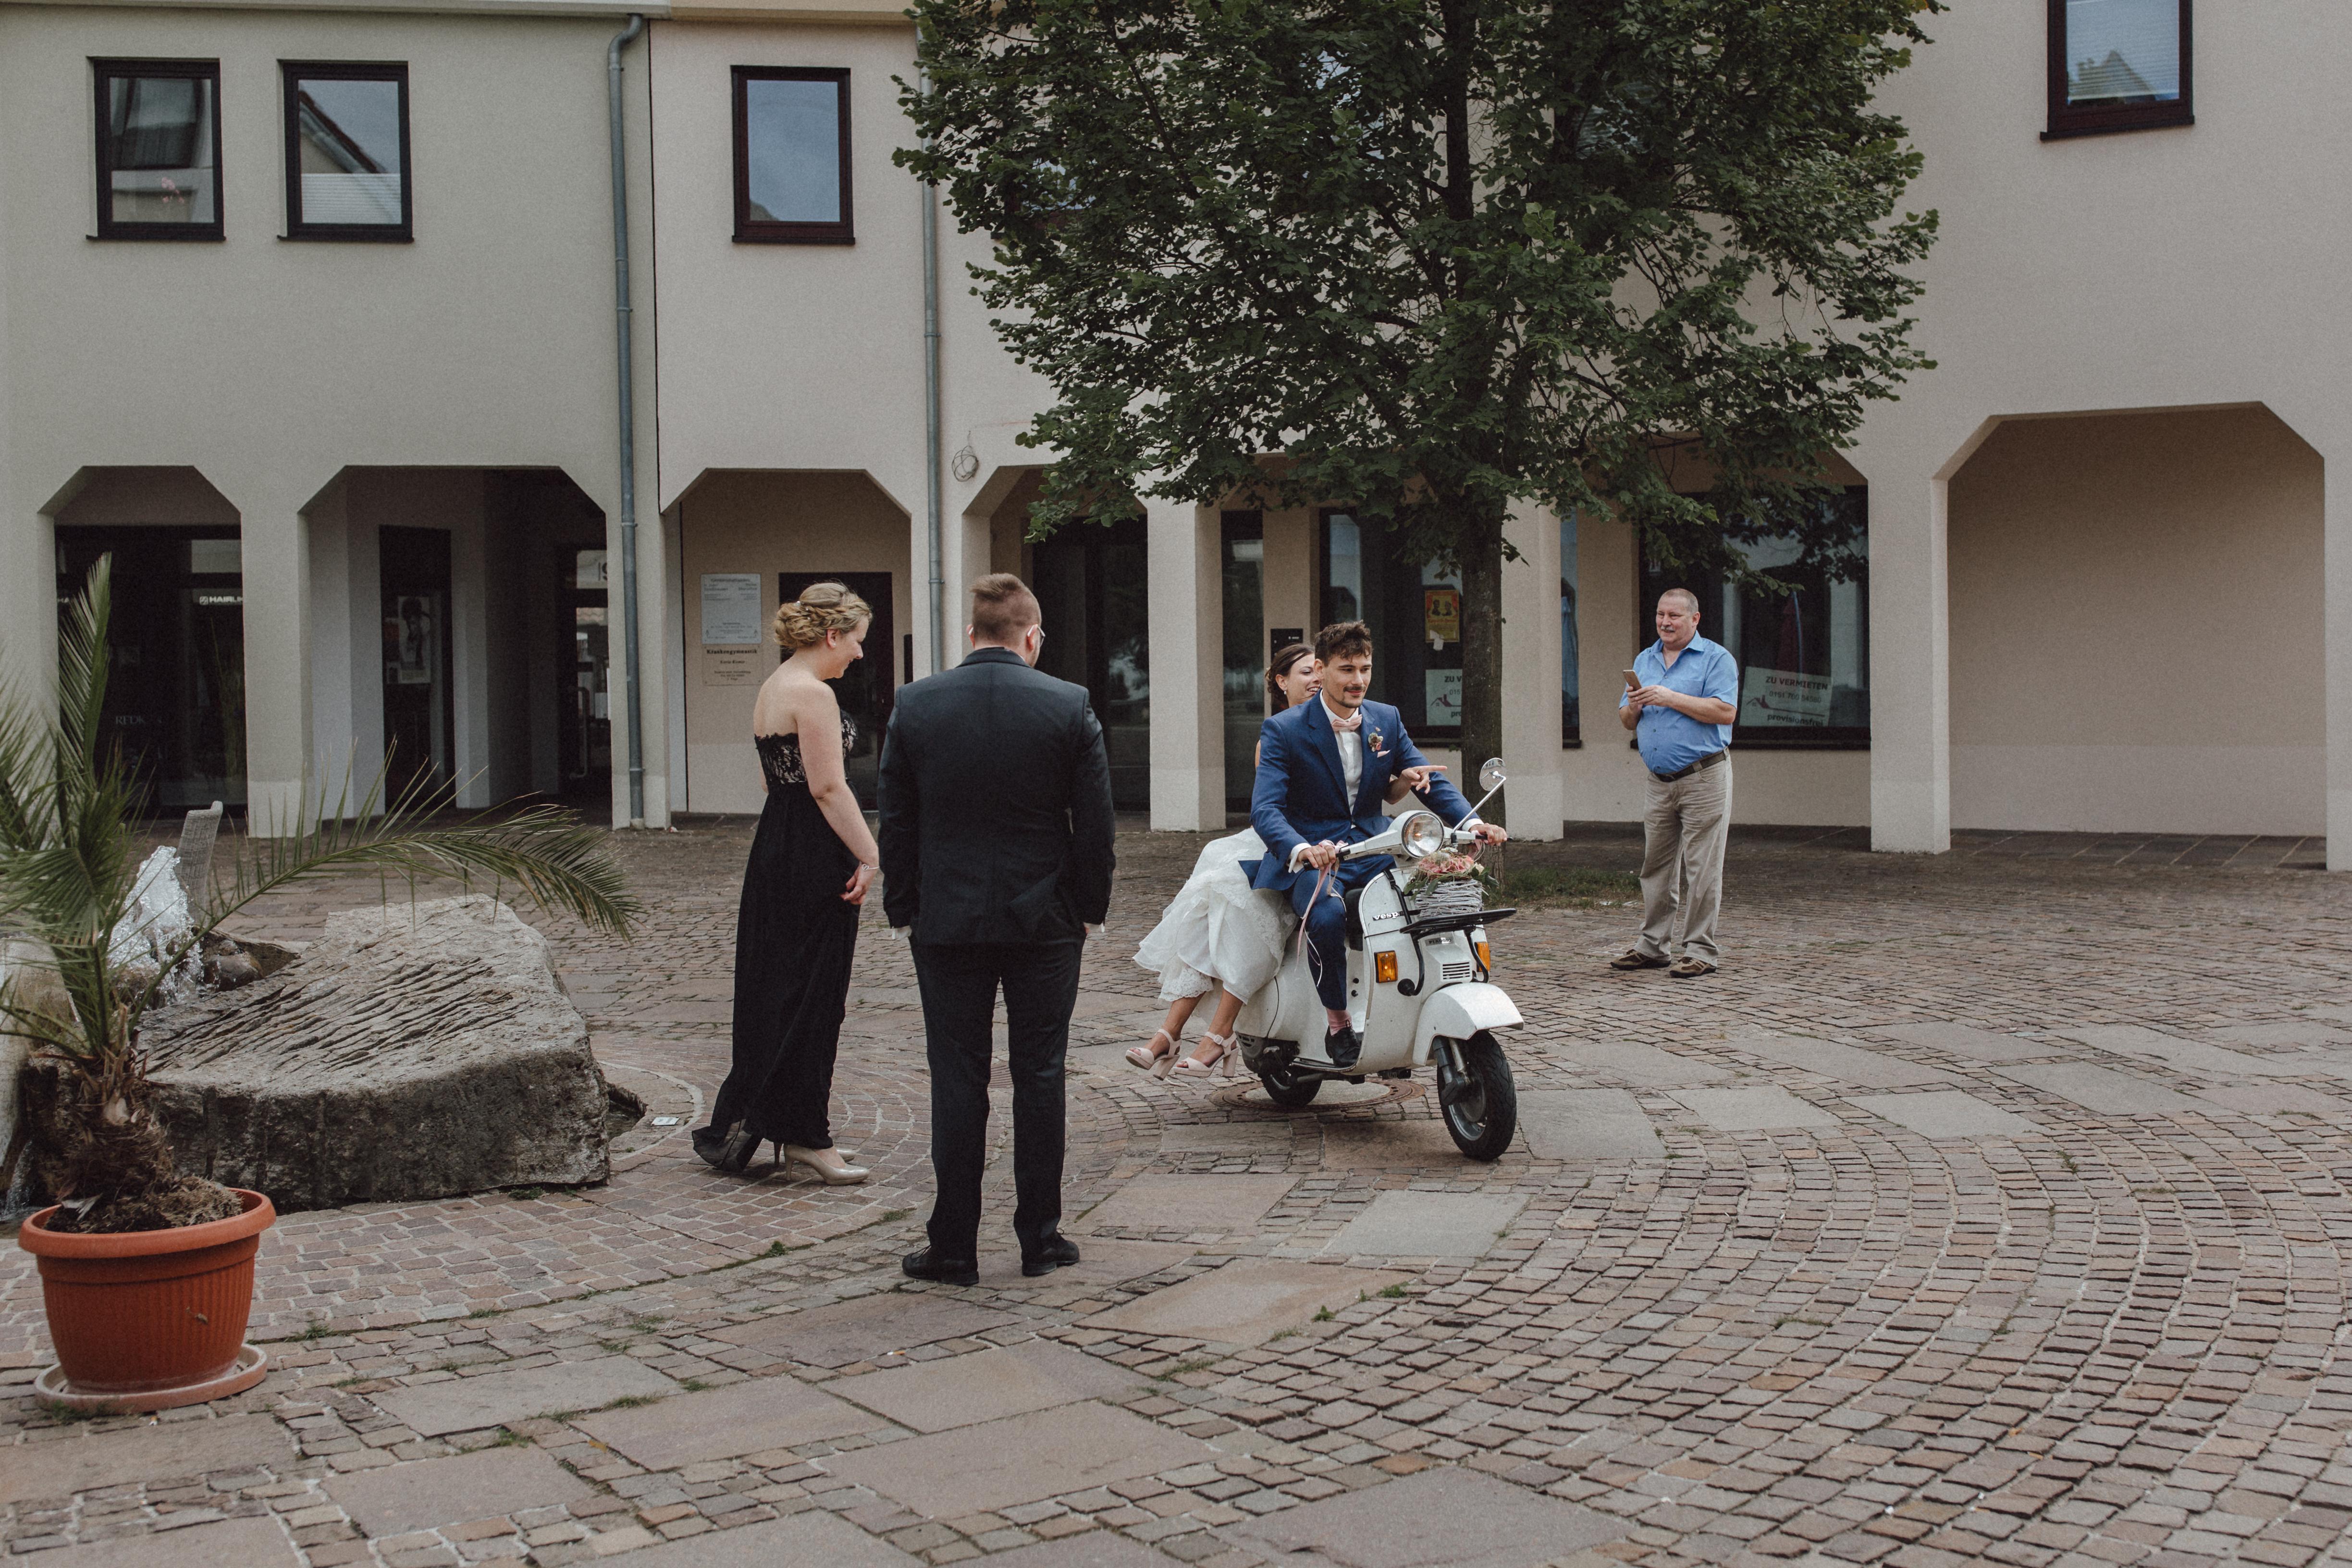 URBANERIE_Daniela_Goth_Hochzeitsfotografin_Nürnberg_Fürth_Erlangen_Schwabach_170715_0596